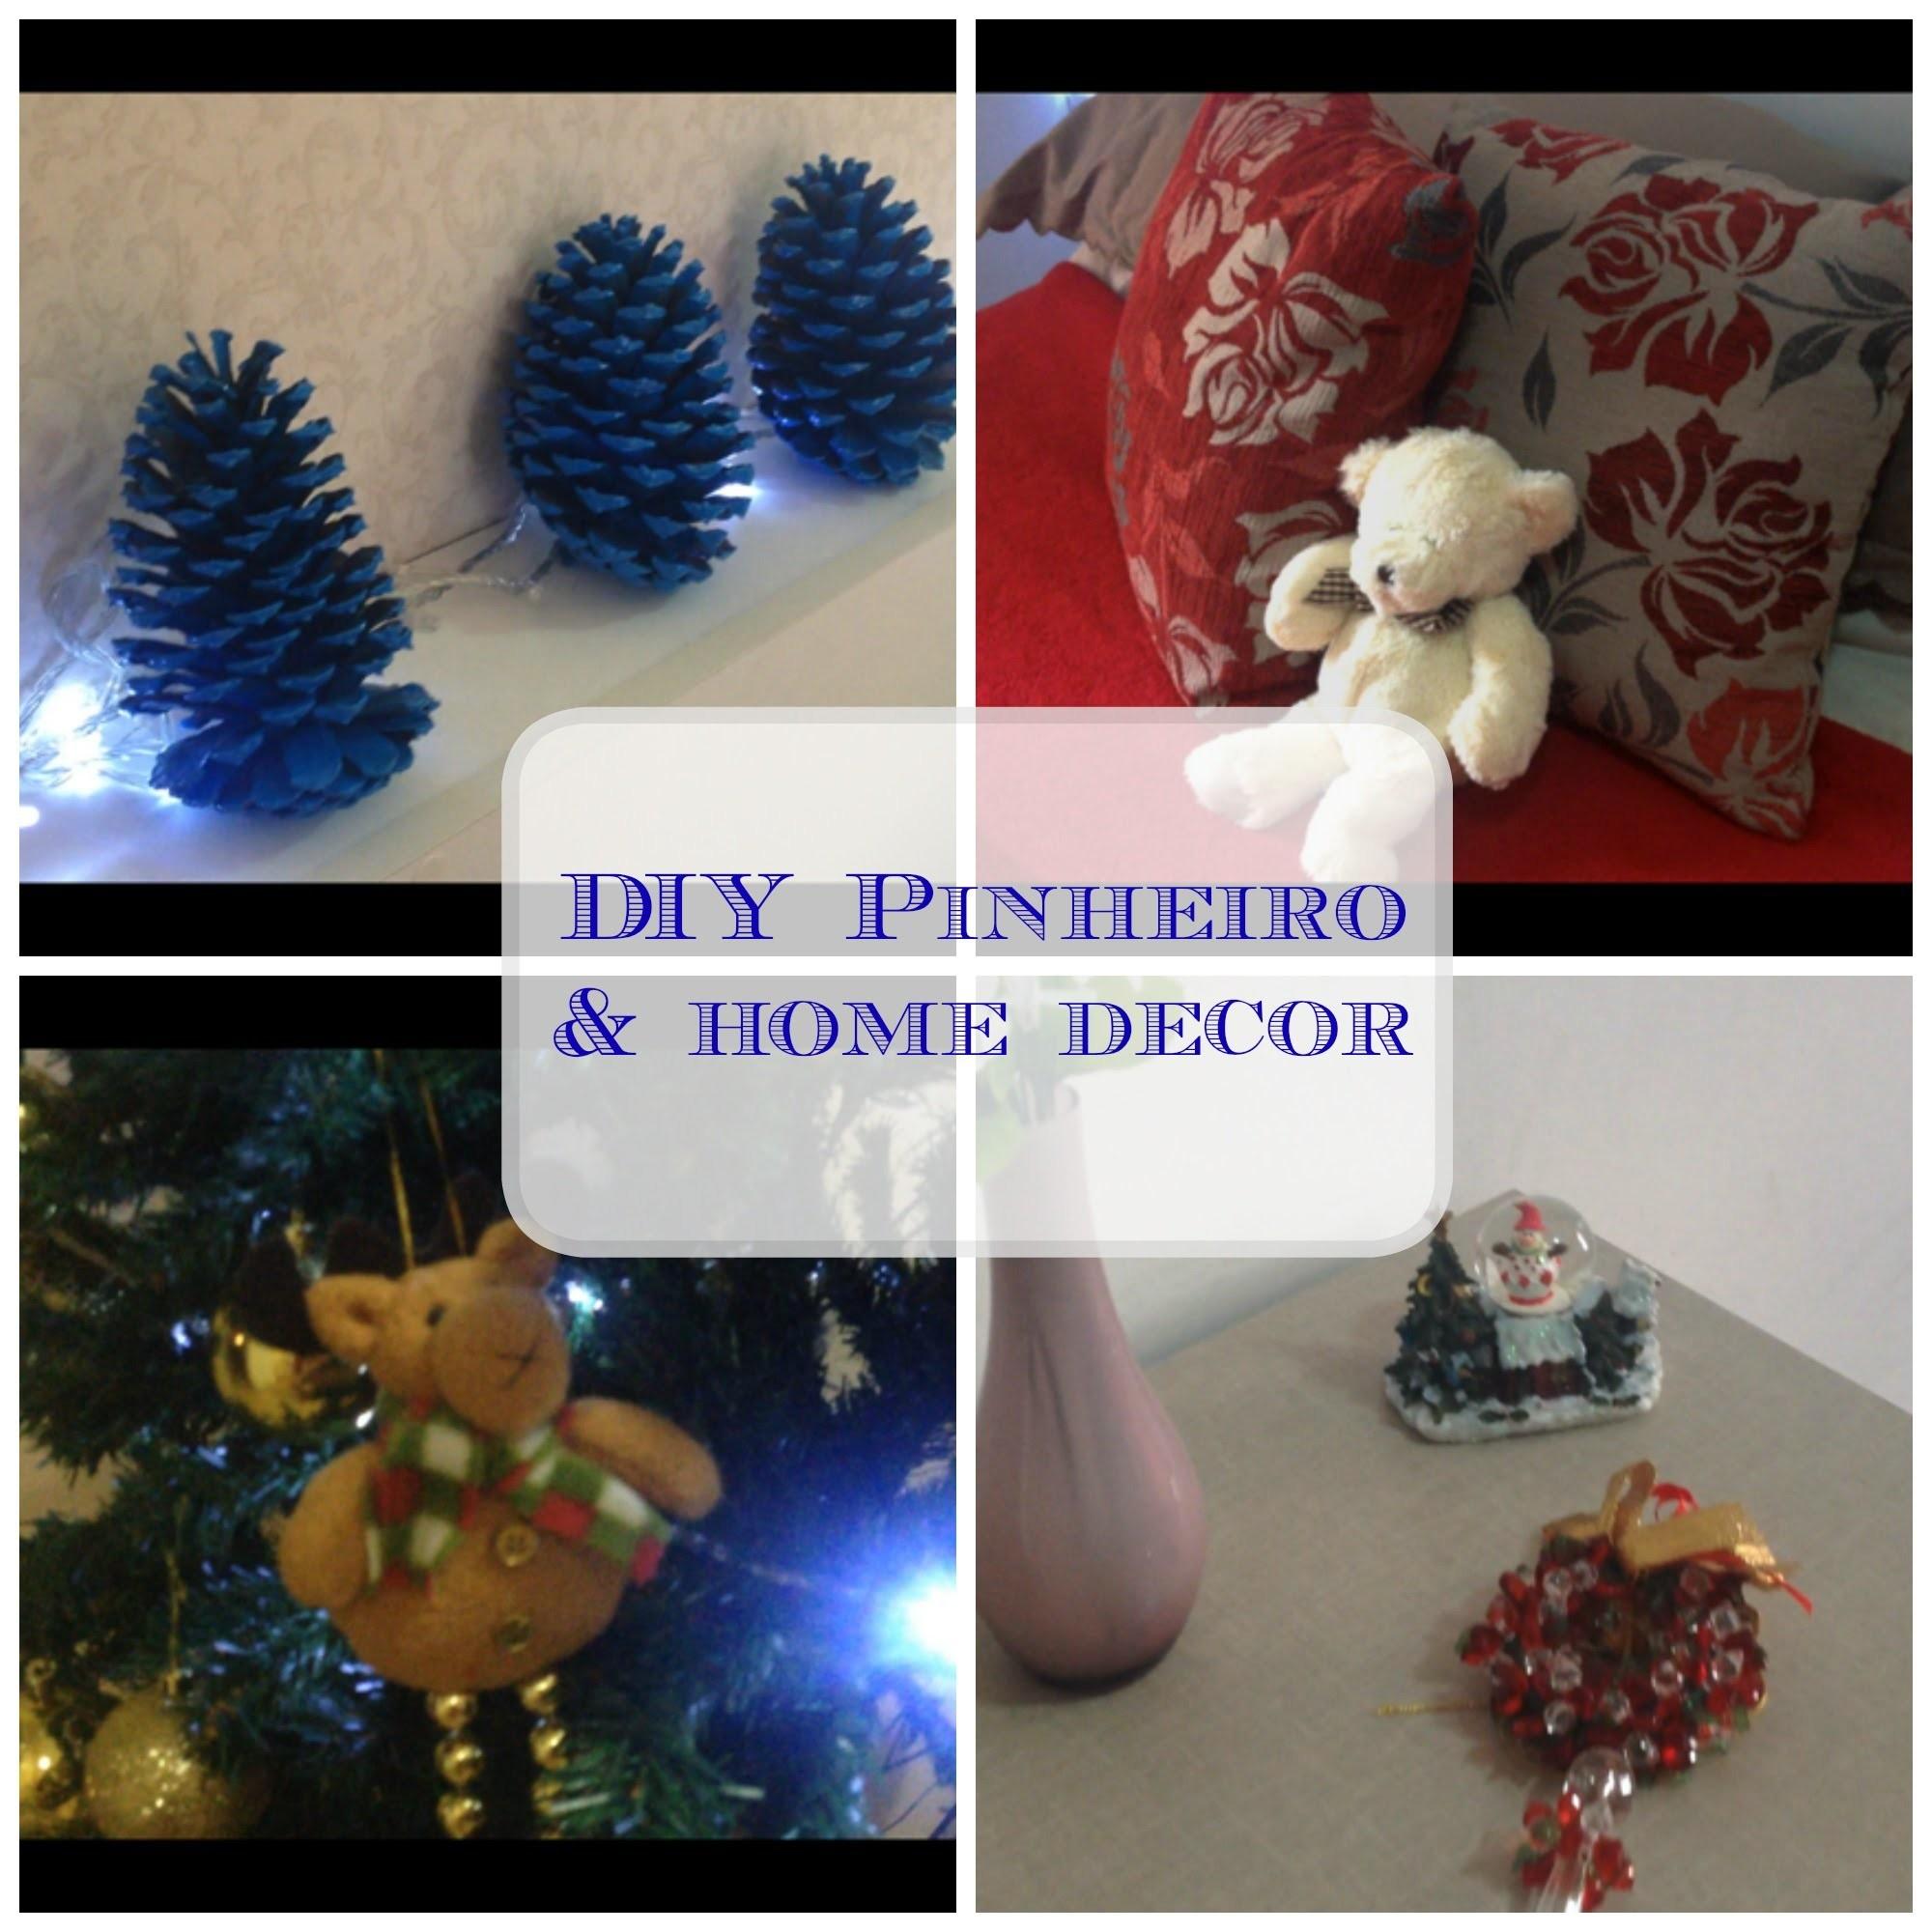 DIY - Pinheiro e Decor Home